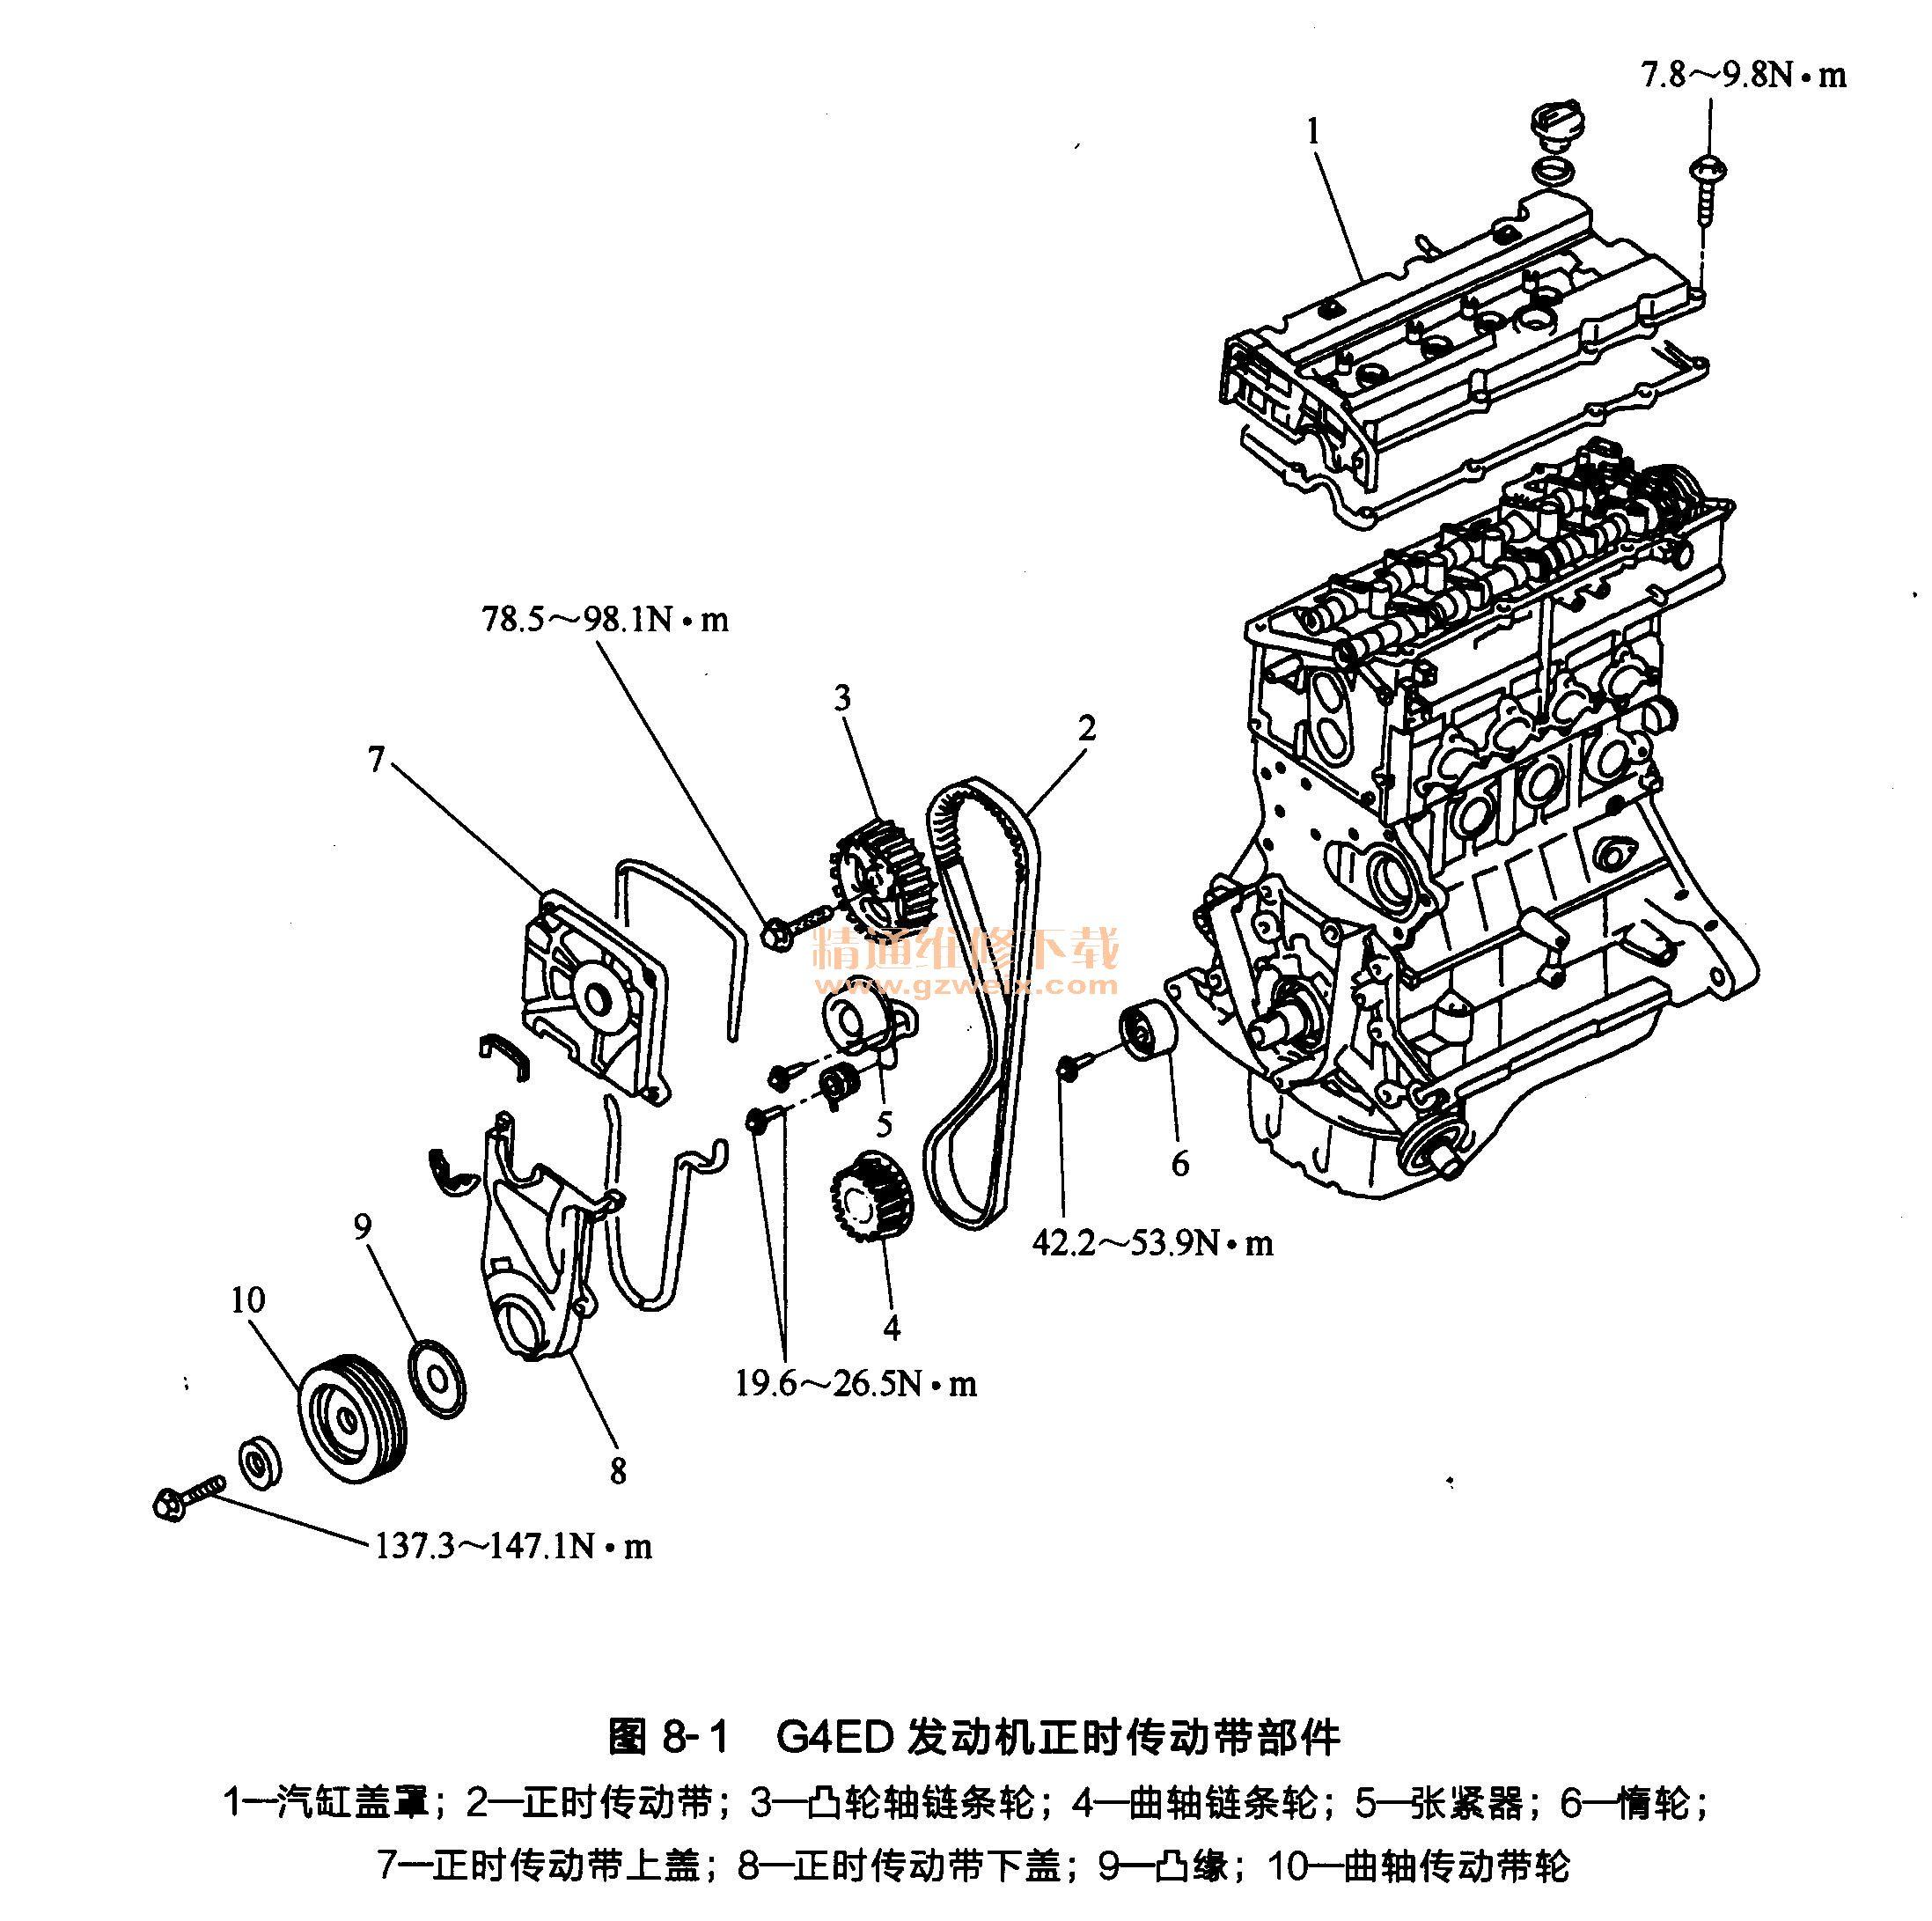 现代雅绅特g4ed发动机正时传动带部件的拆卸 高清图片